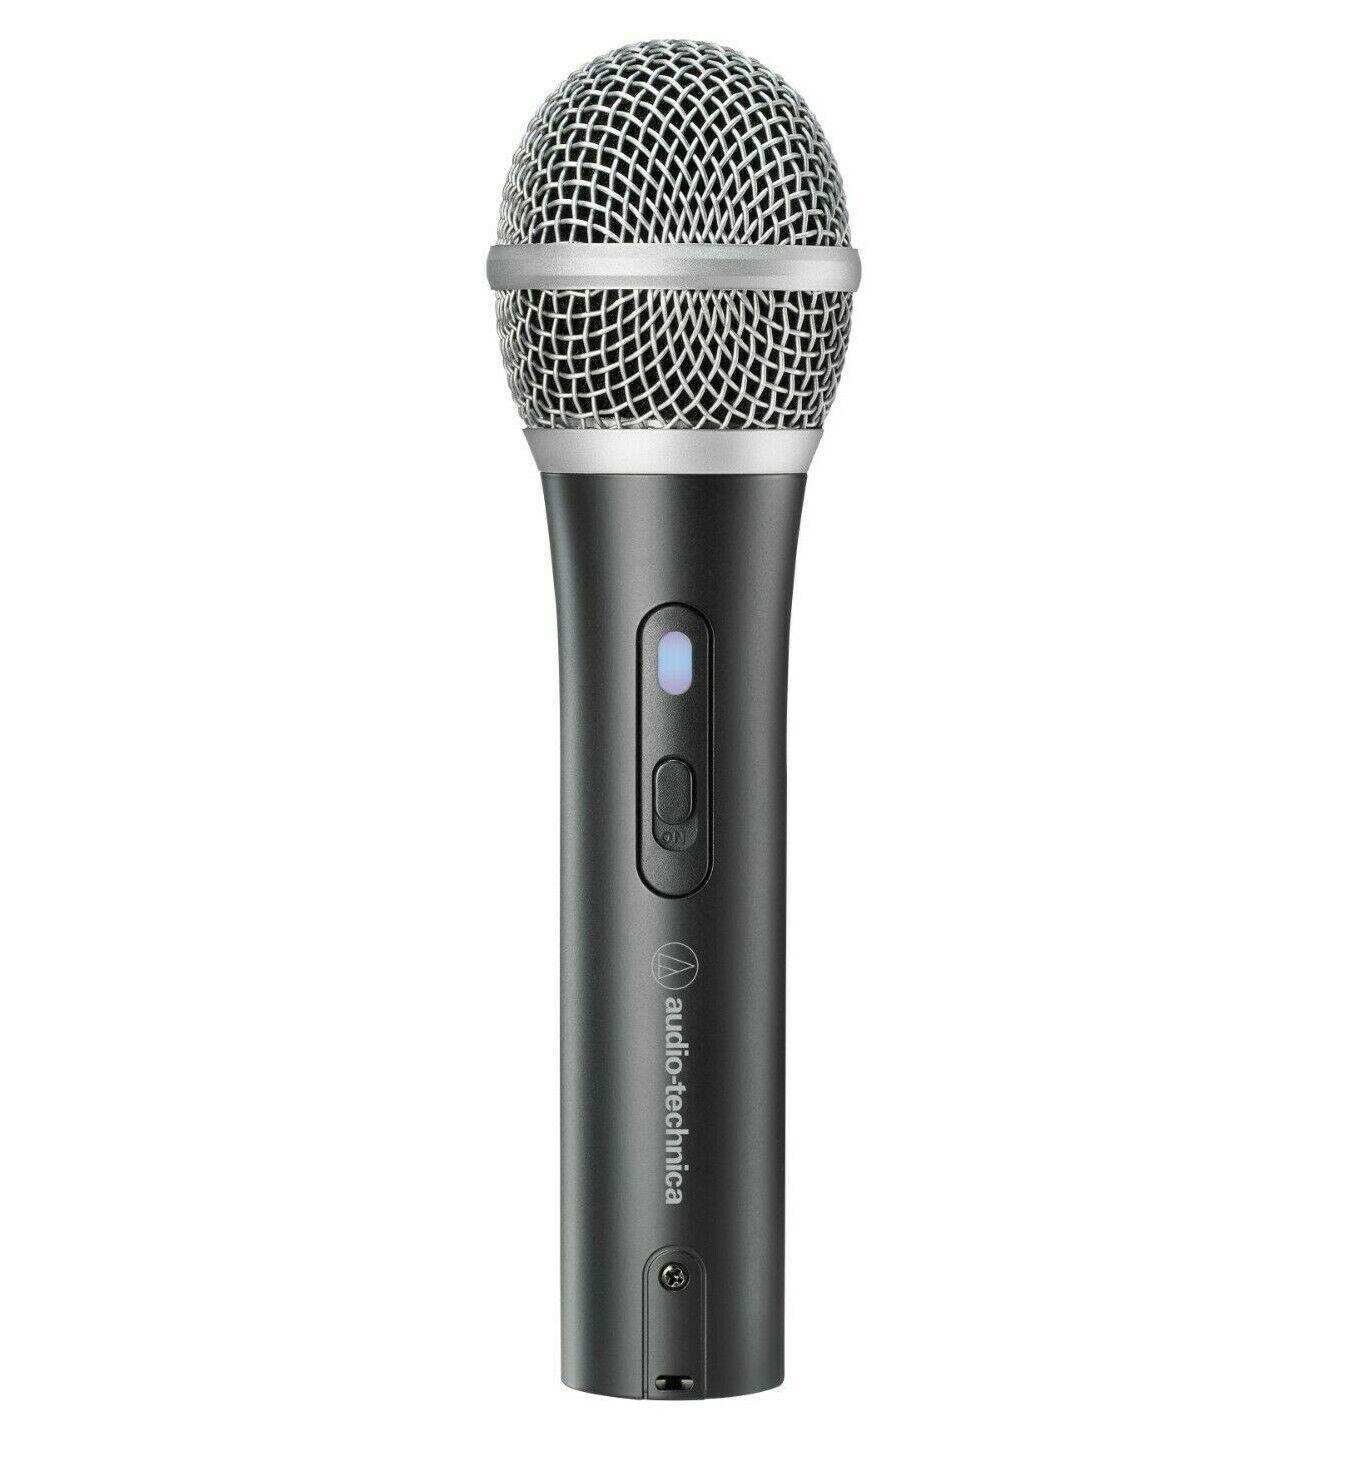 audio-technica-cardioid-handheld-dynamic-usb-xlr-microphone